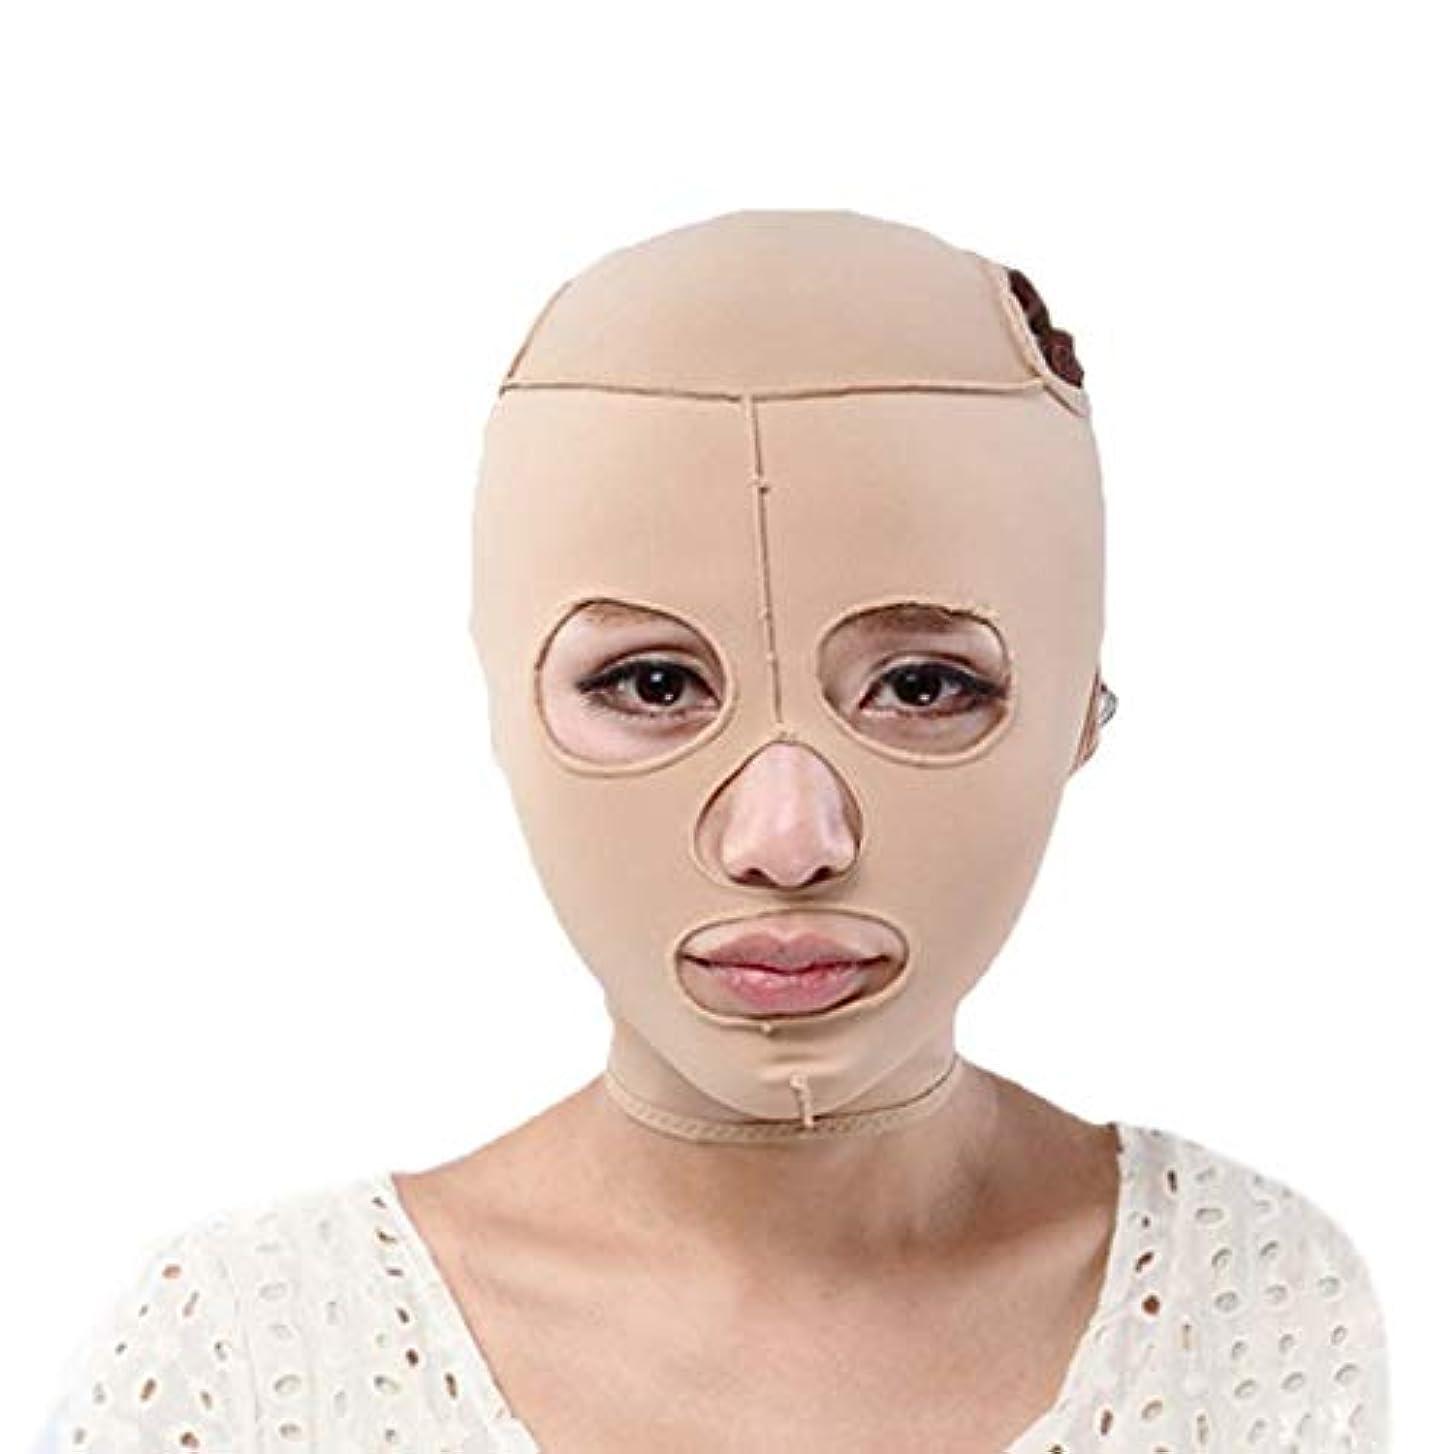 魔女に対応絶対にチンストラップ、顔の減量アンチシワマスク、快適な通気性マスク付きオールインクルーシブフェイス、薄型フェイスマスクリフティング包帯引き締め(サイズ:S),XL